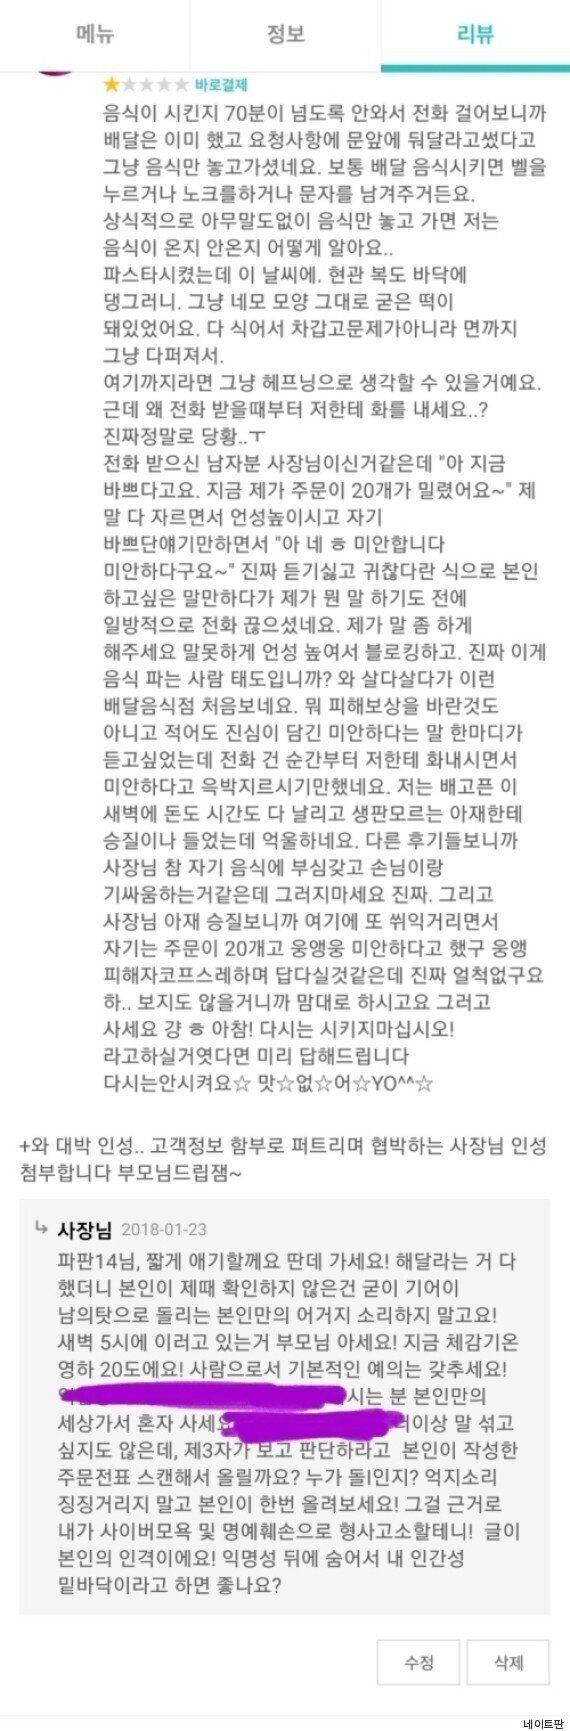 '고객 신상 유포' 업주 논란에 '배달의 민족'이